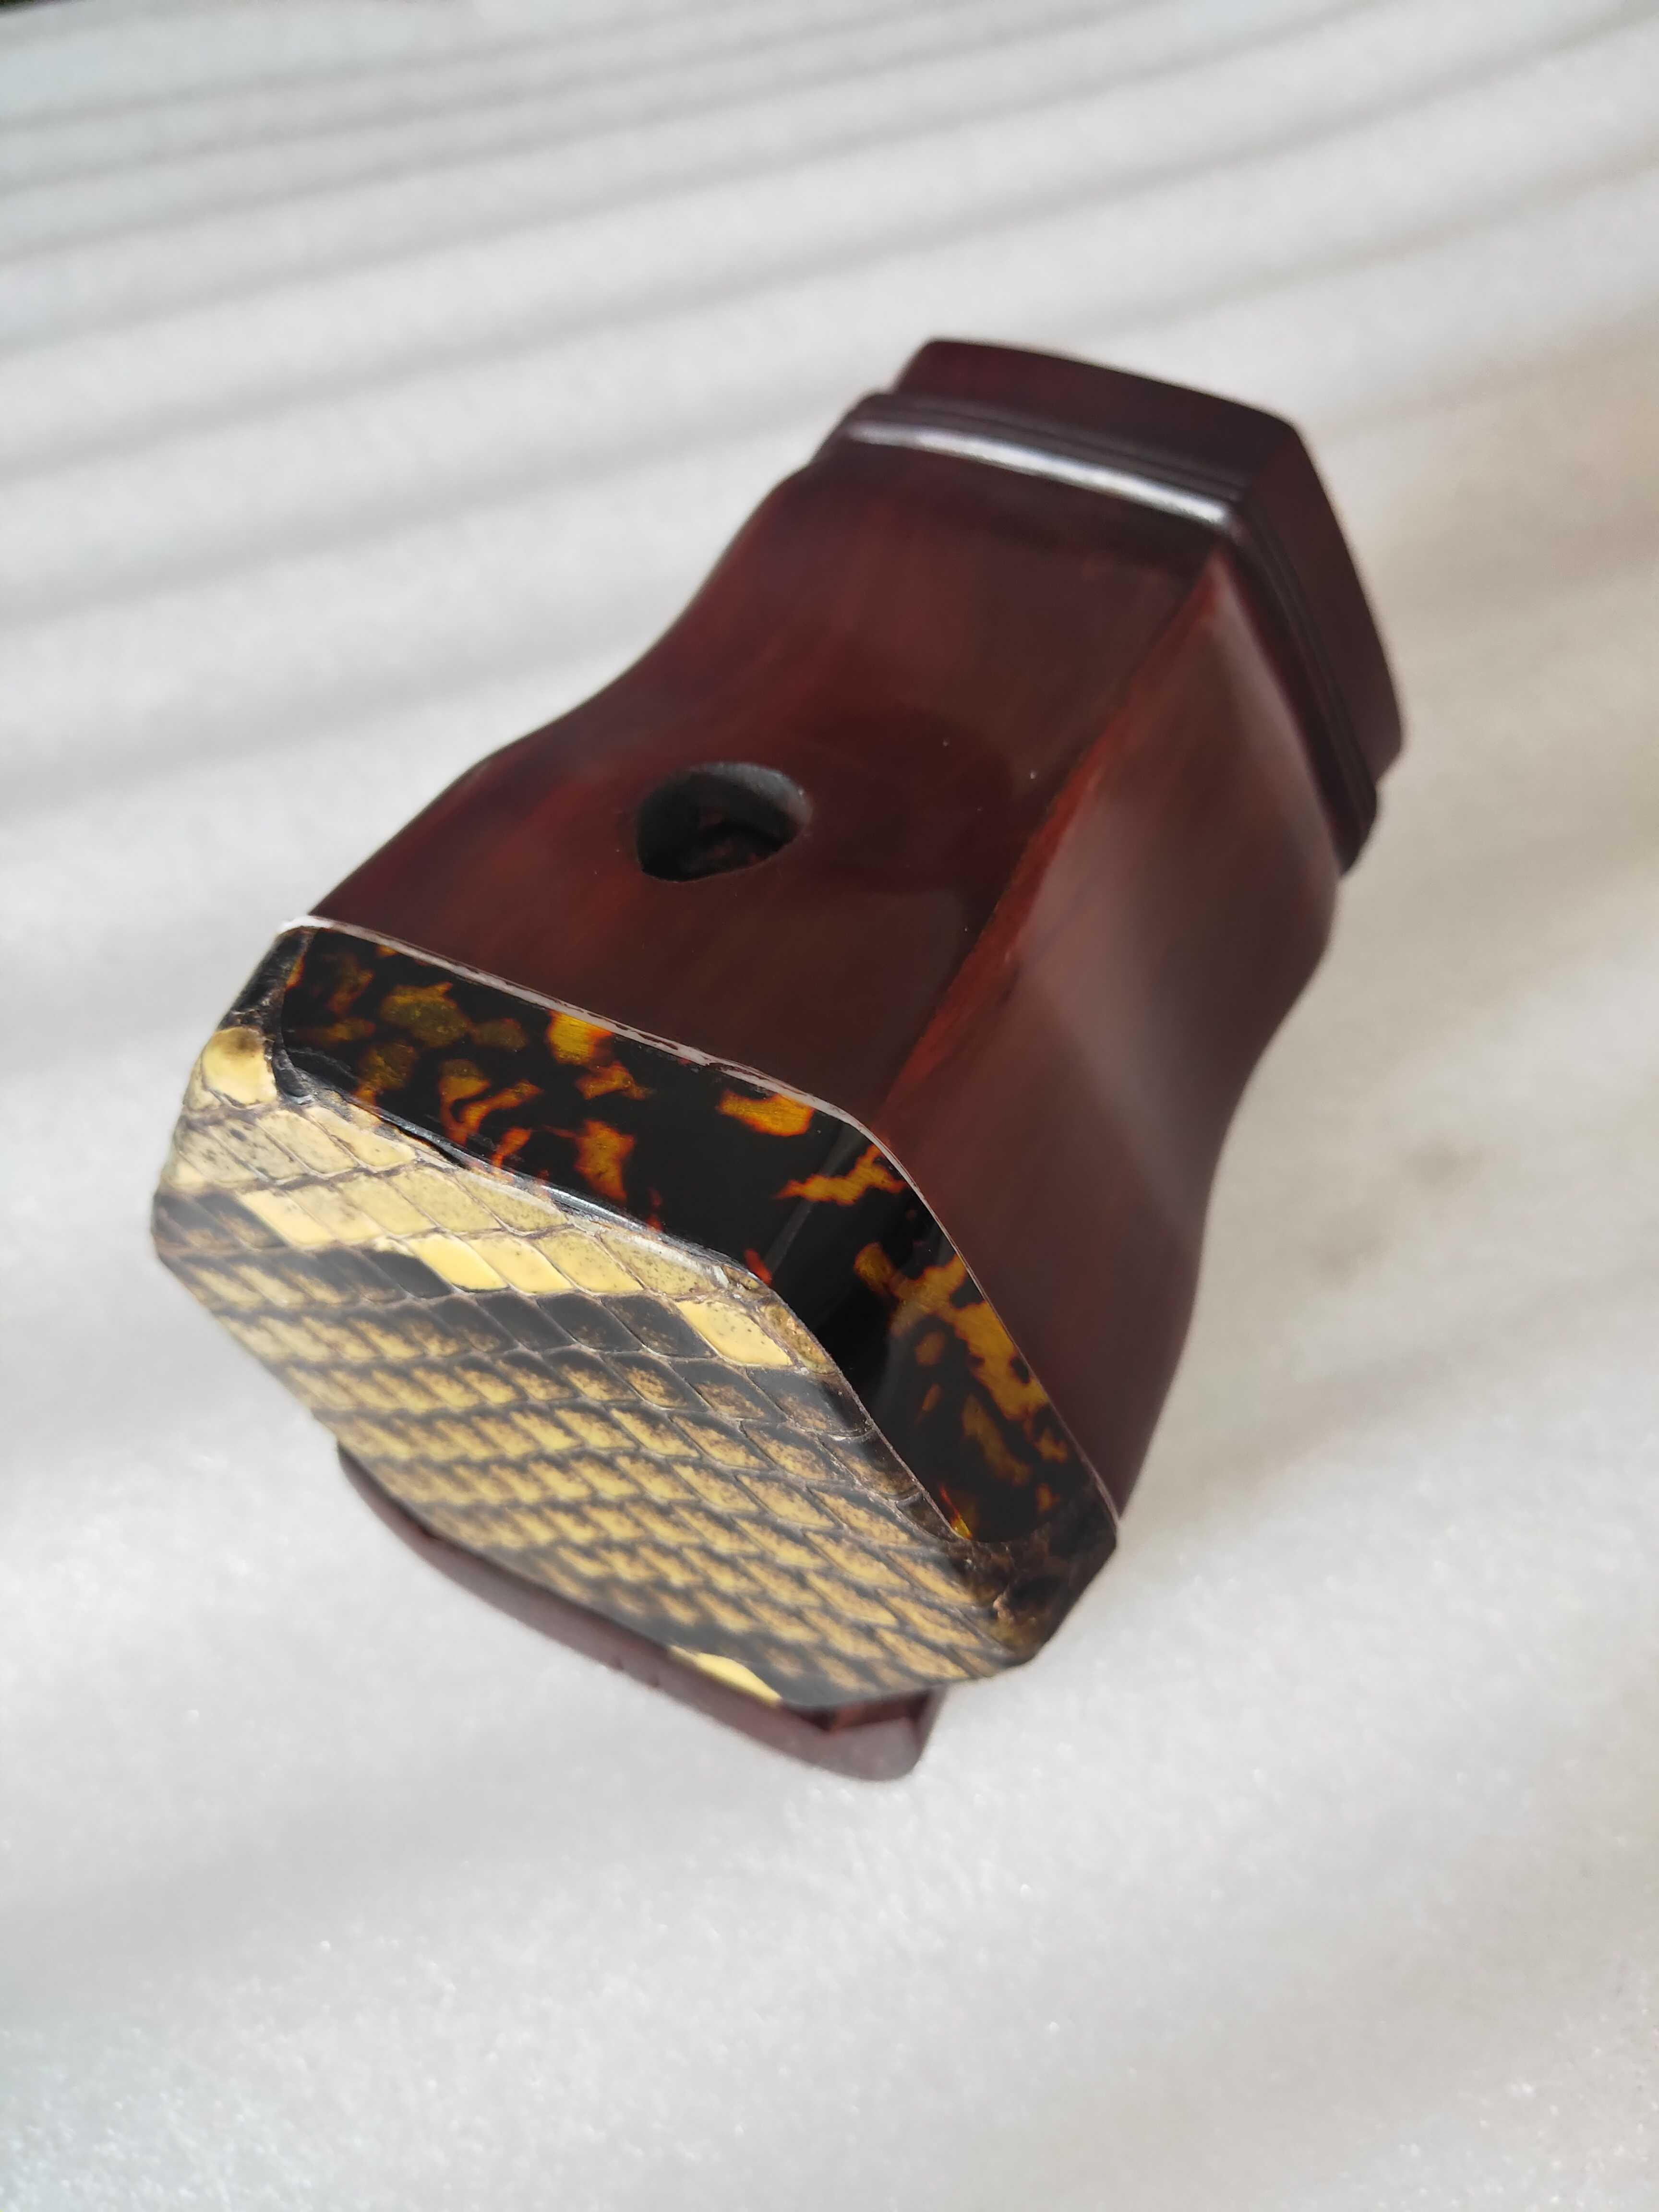 可选皮 紫檀蒙皮六角桶扁孔原木抛光带底座实木音窗 二胡乐器琴桶